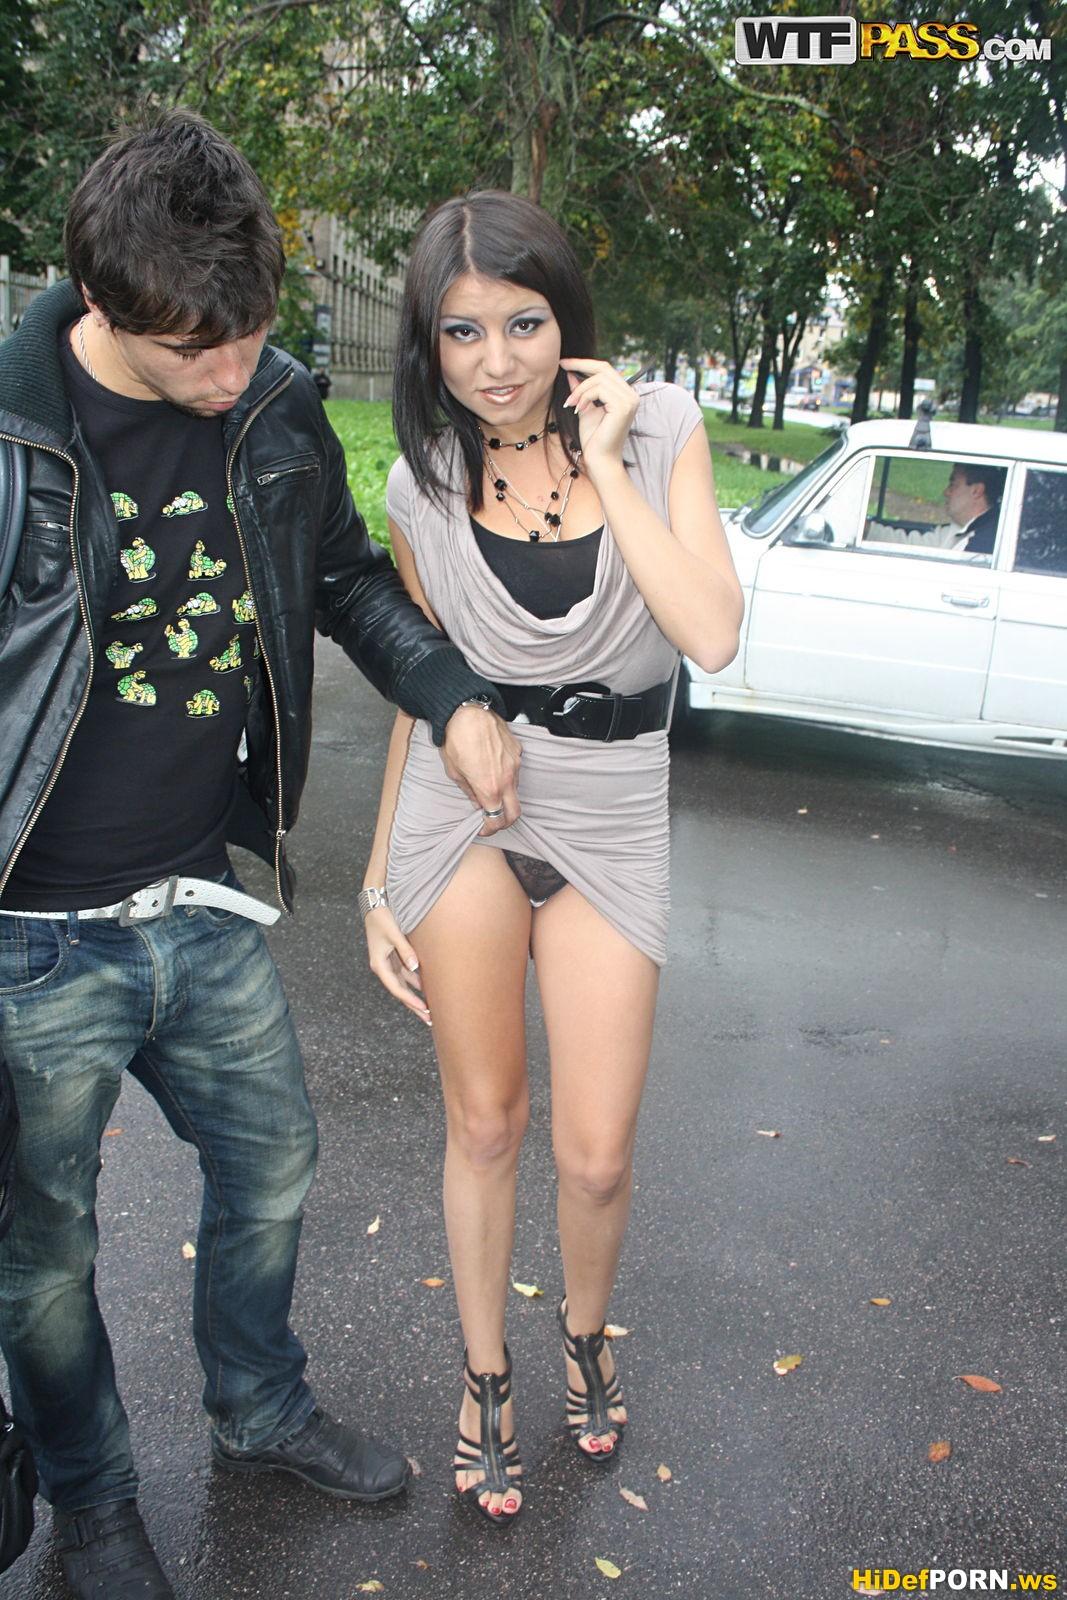 Сняли девушку за деньги на улице смотреть онлайн 4 фотография